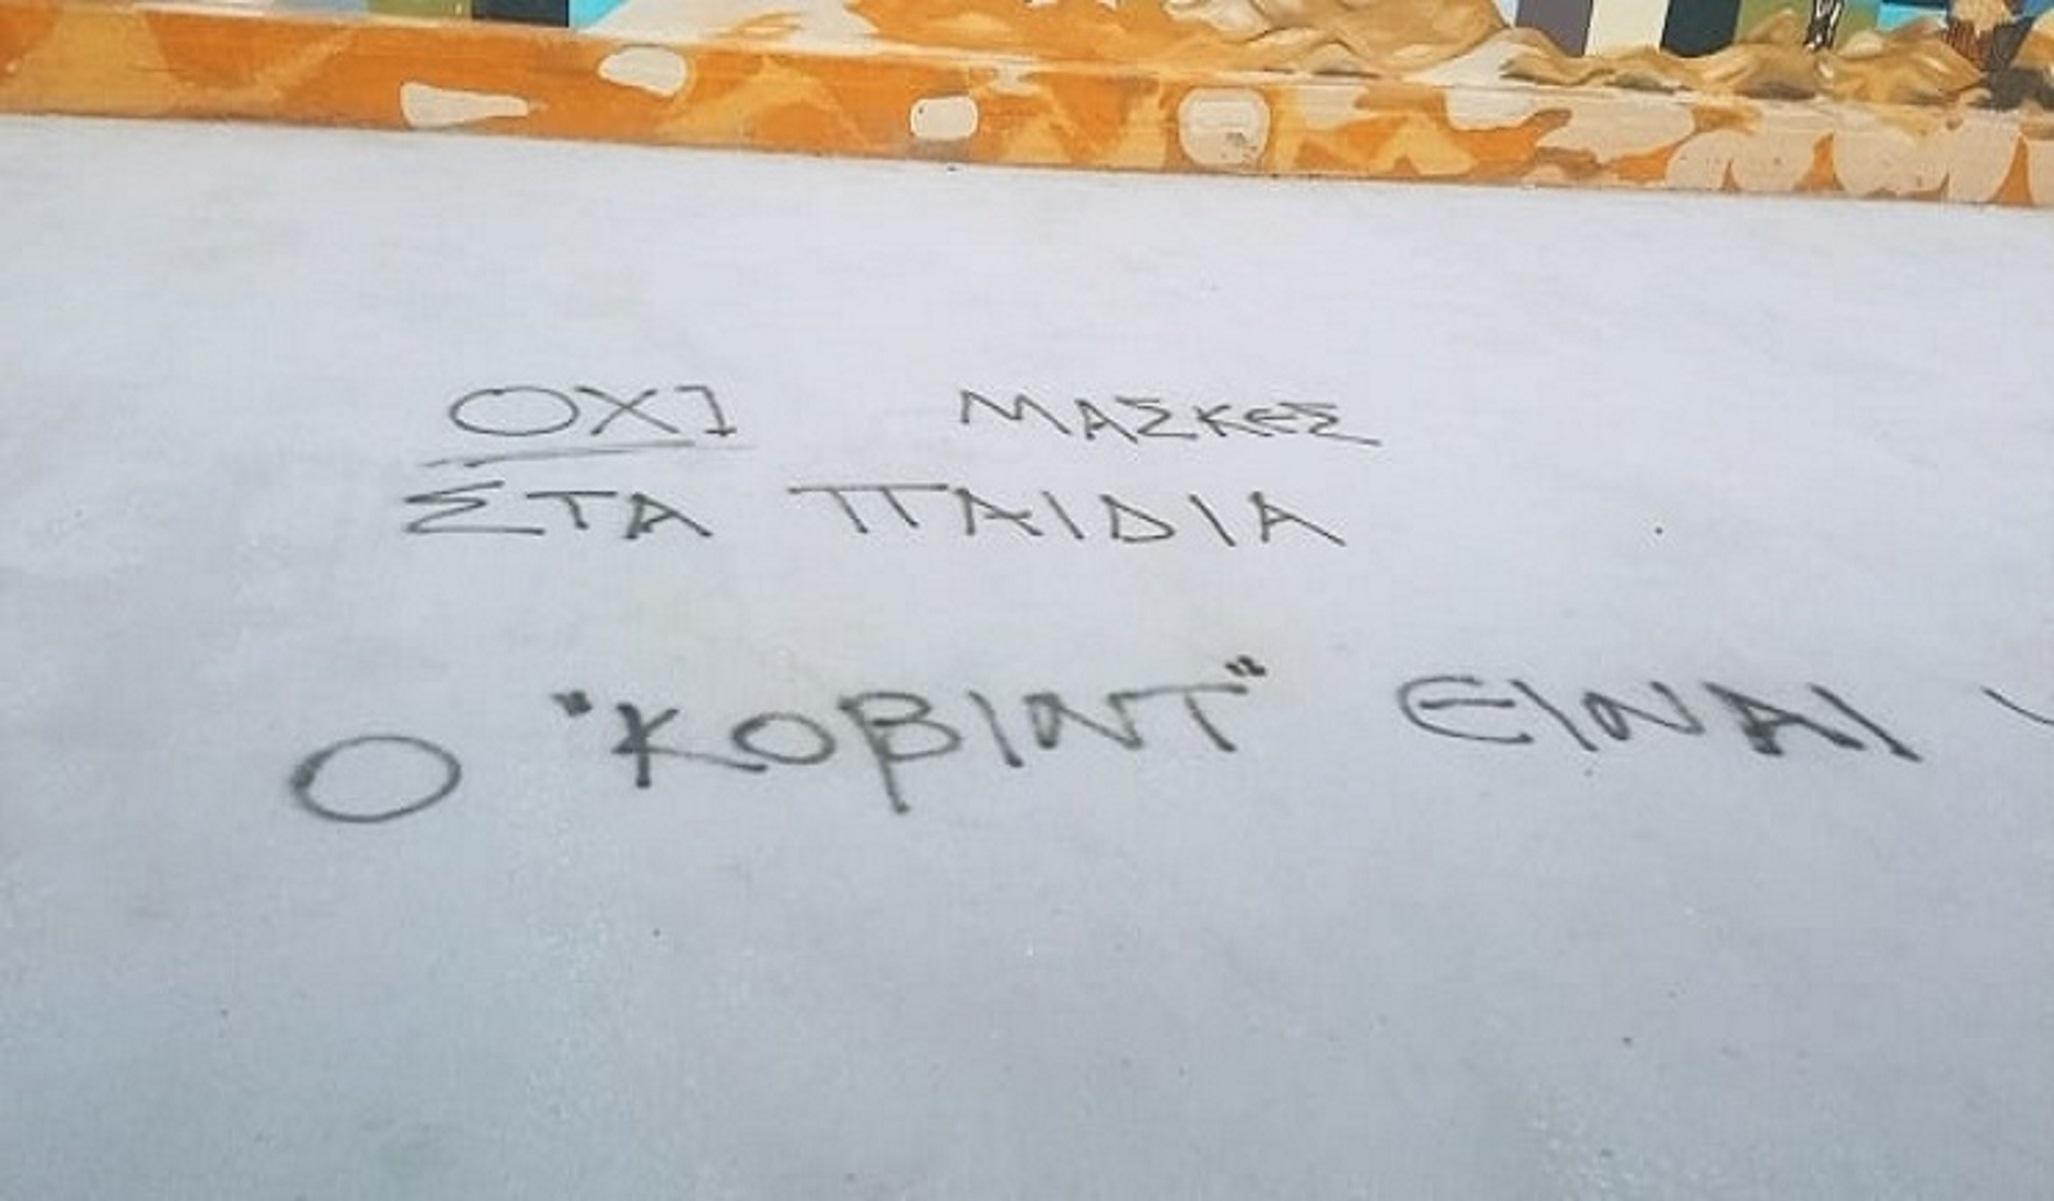 Κορονοϊός: Αρνητές βανδάλισαν σχολείο στην Πάρο – Έγραψαν υβριστικά συνθήματα για τους δασκάλους